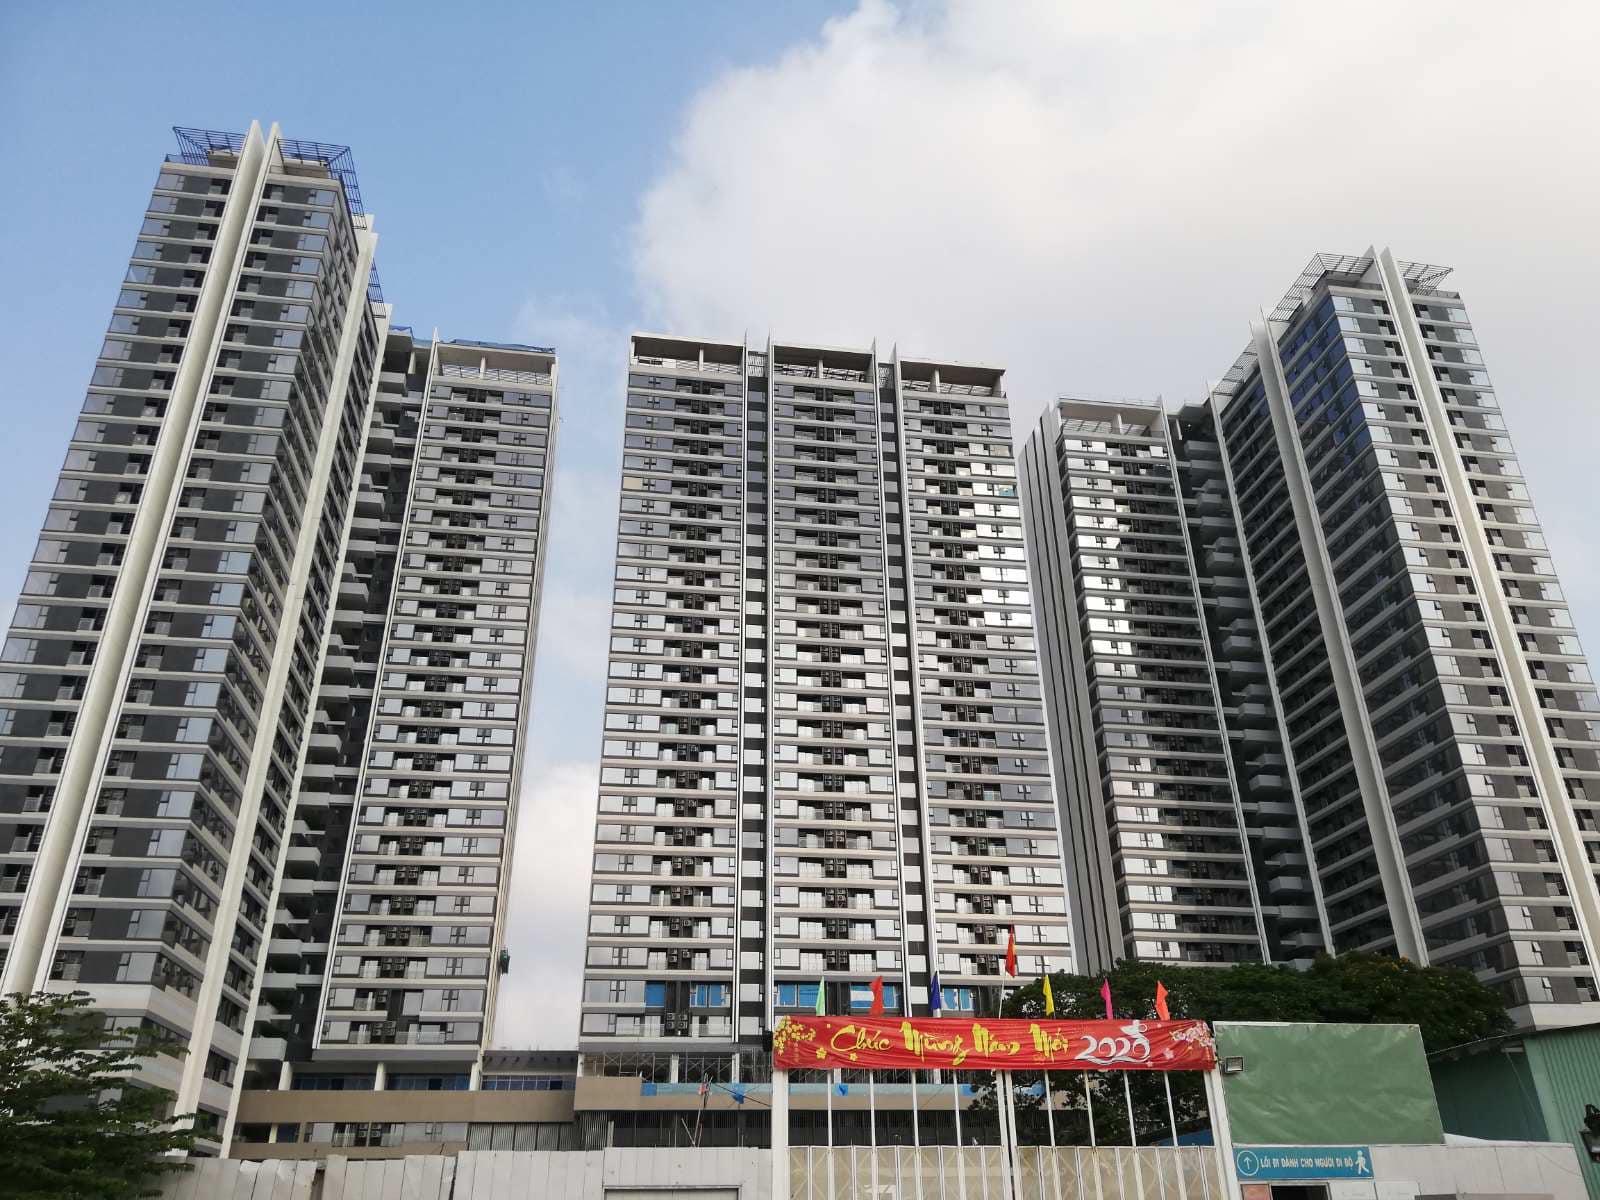 căn hộ chung cư kingdom 101 quận 10 ban giao 2020 3